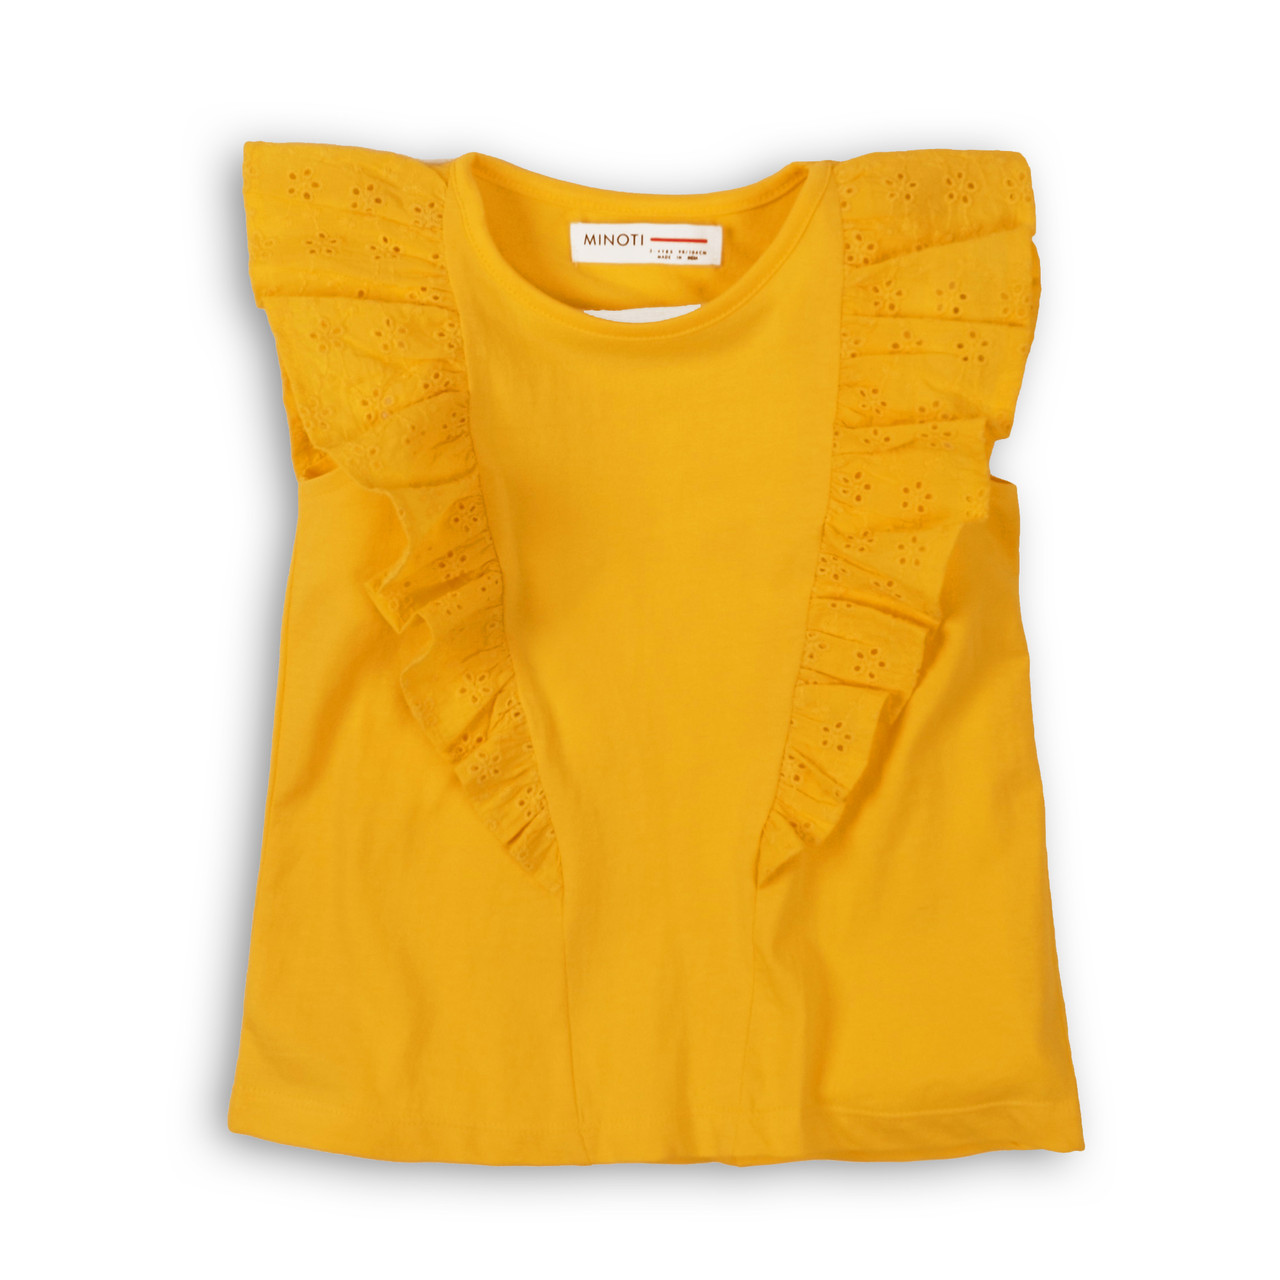 Детская и подростковая футболка для девочек 9-11 лет,  134-146 см Minoti, 134-140 см